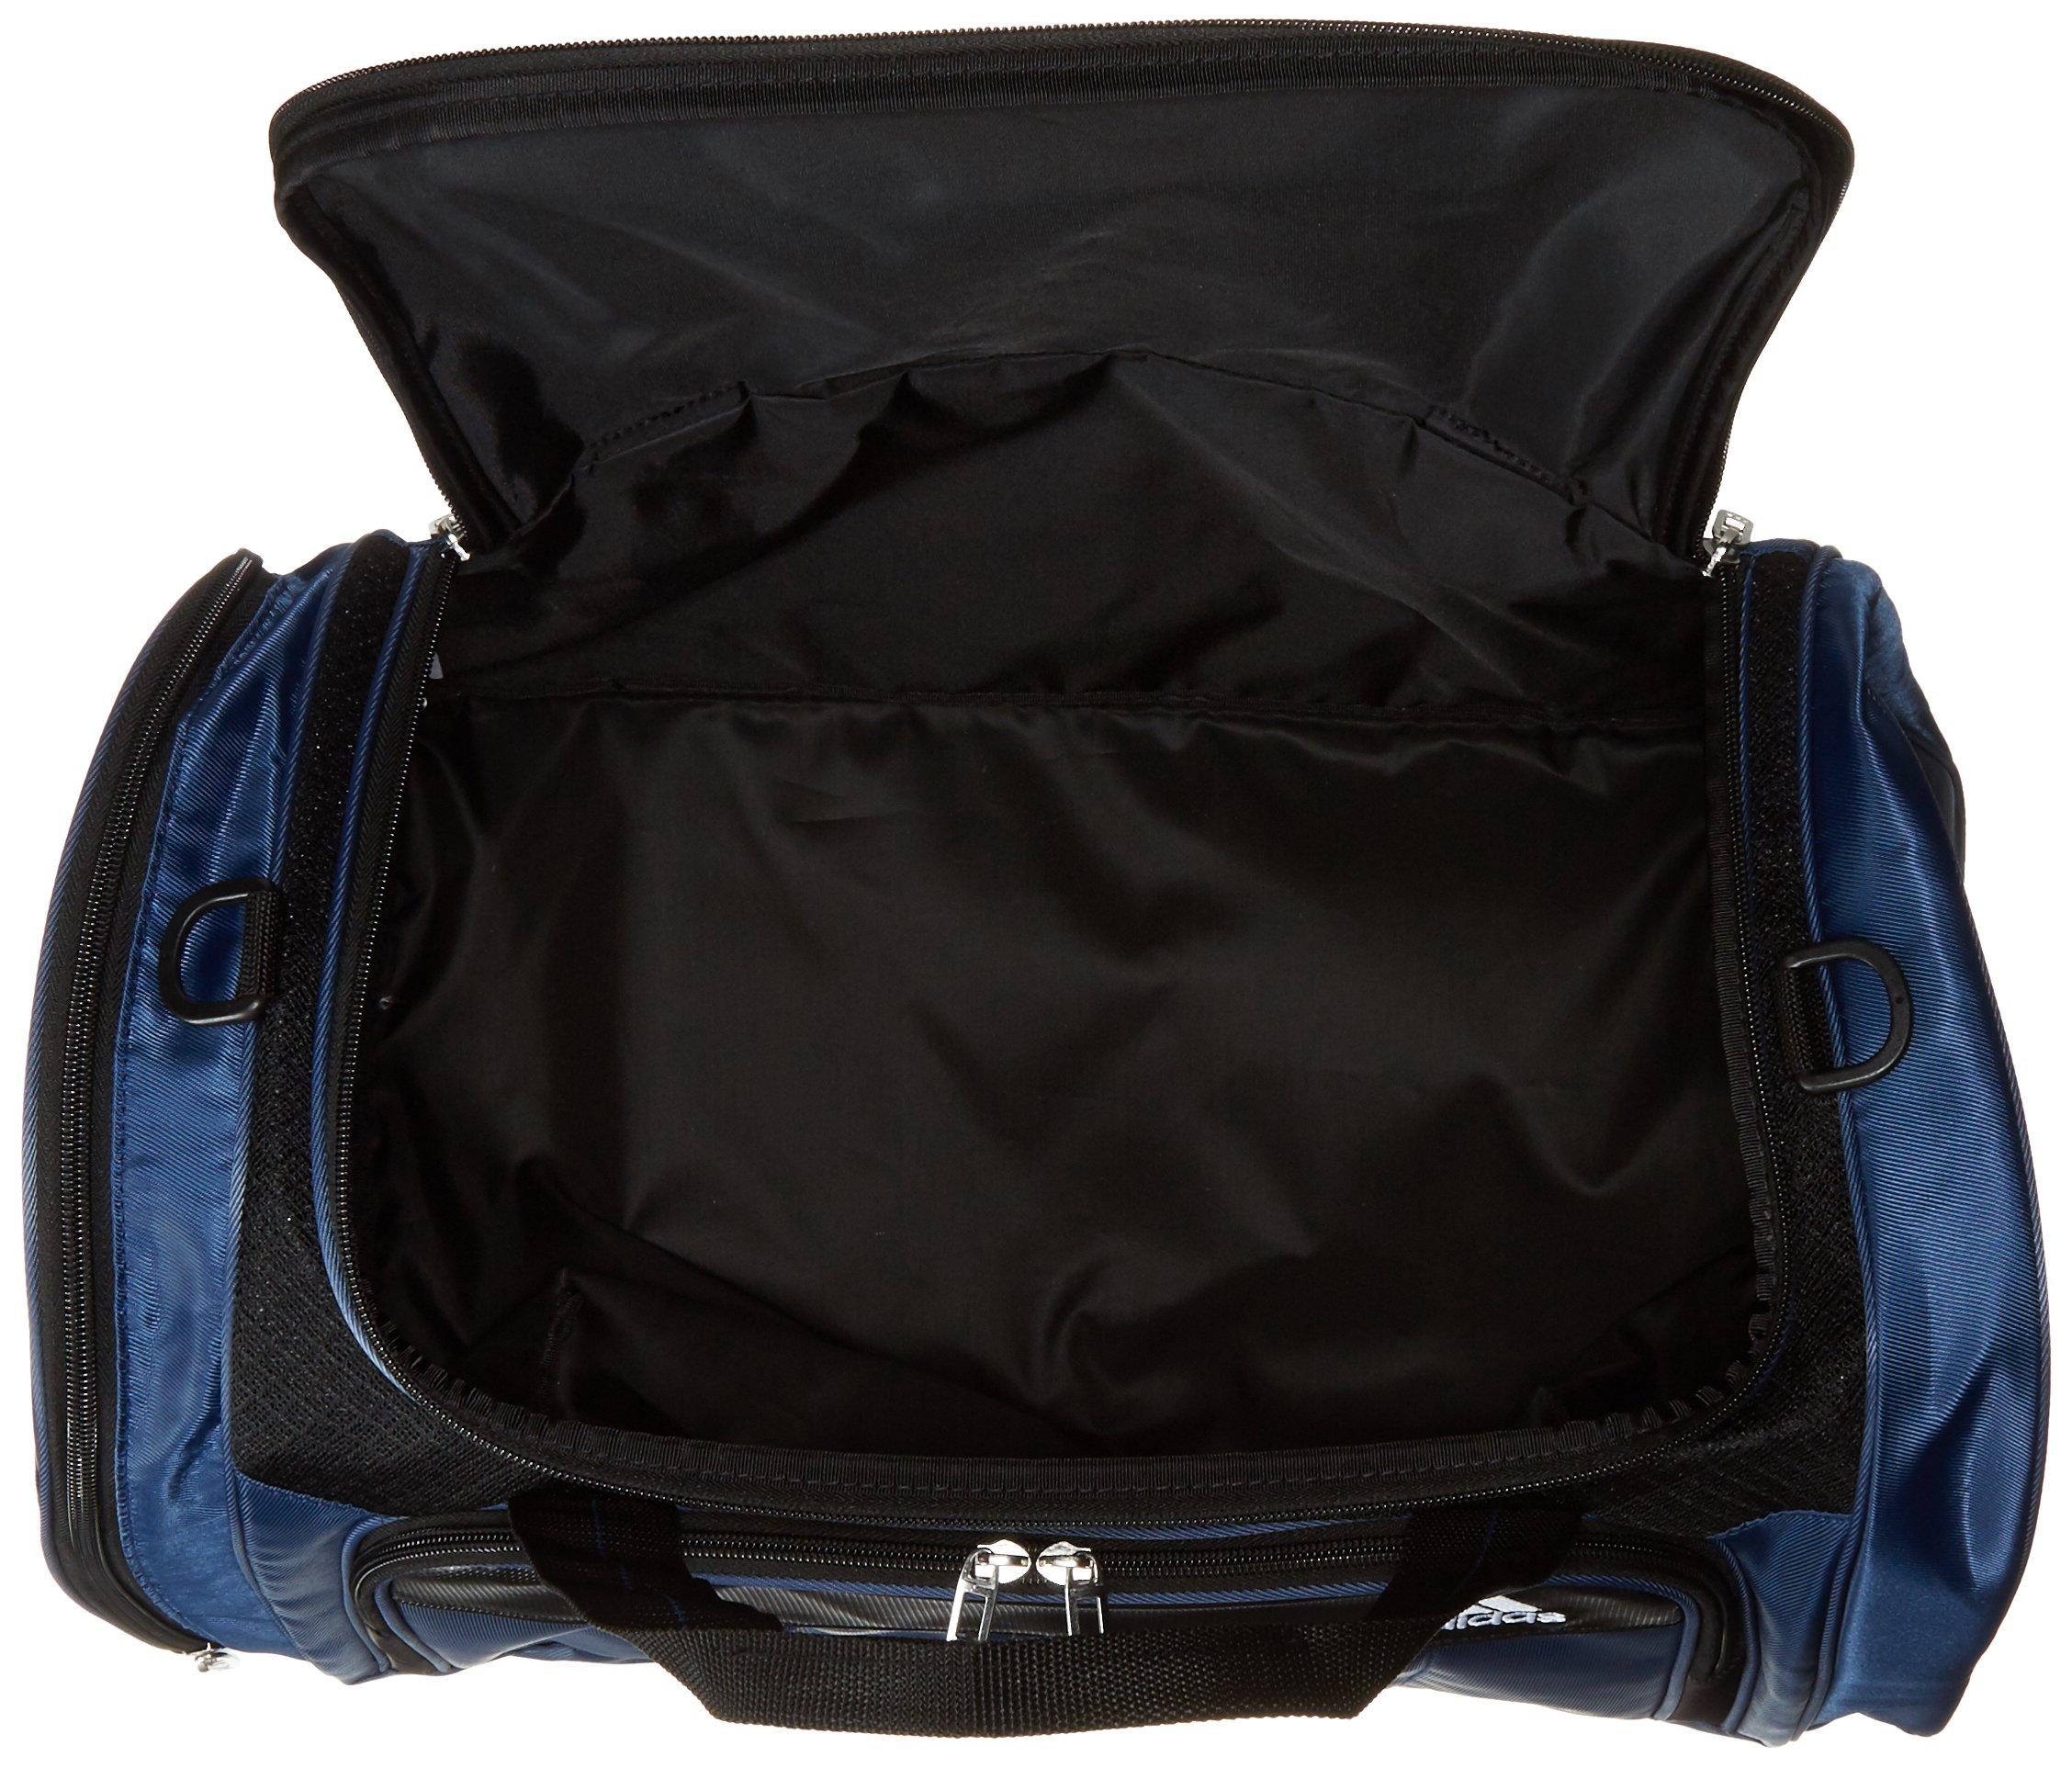 [Adidas Golf] Boston Bag 4 Deodorant Name awr93 by adidas (Image #5)